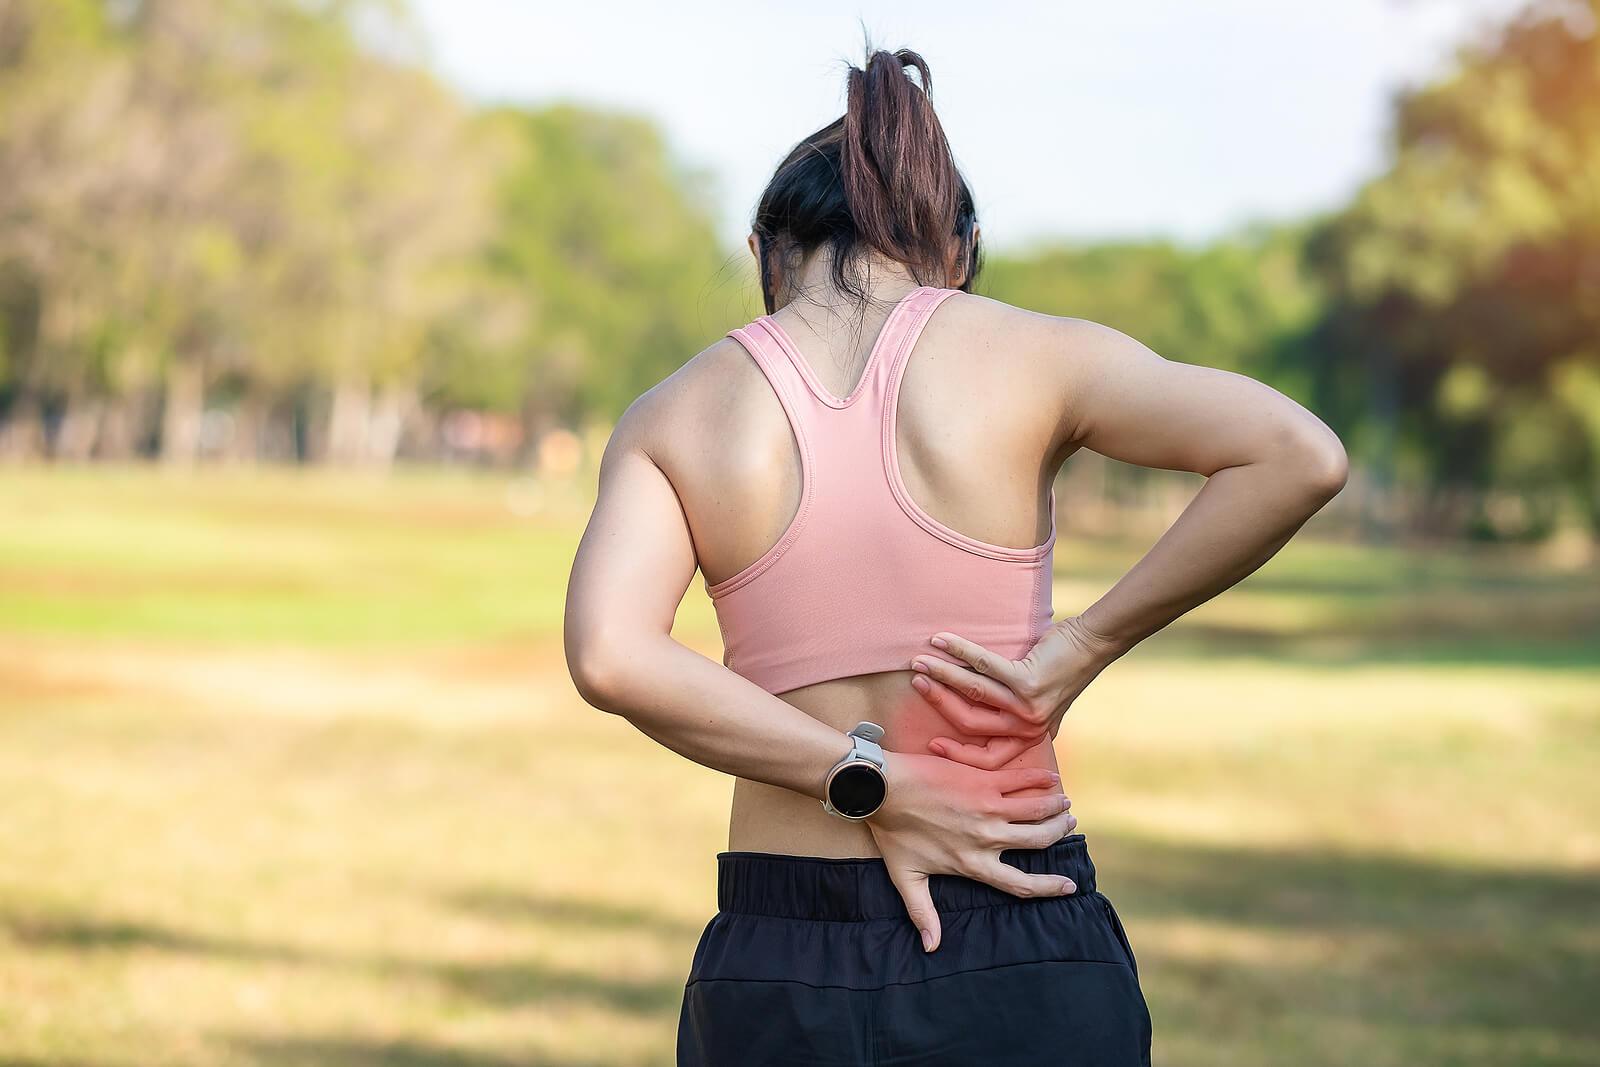 Cómo cuidar la salud de la espalda